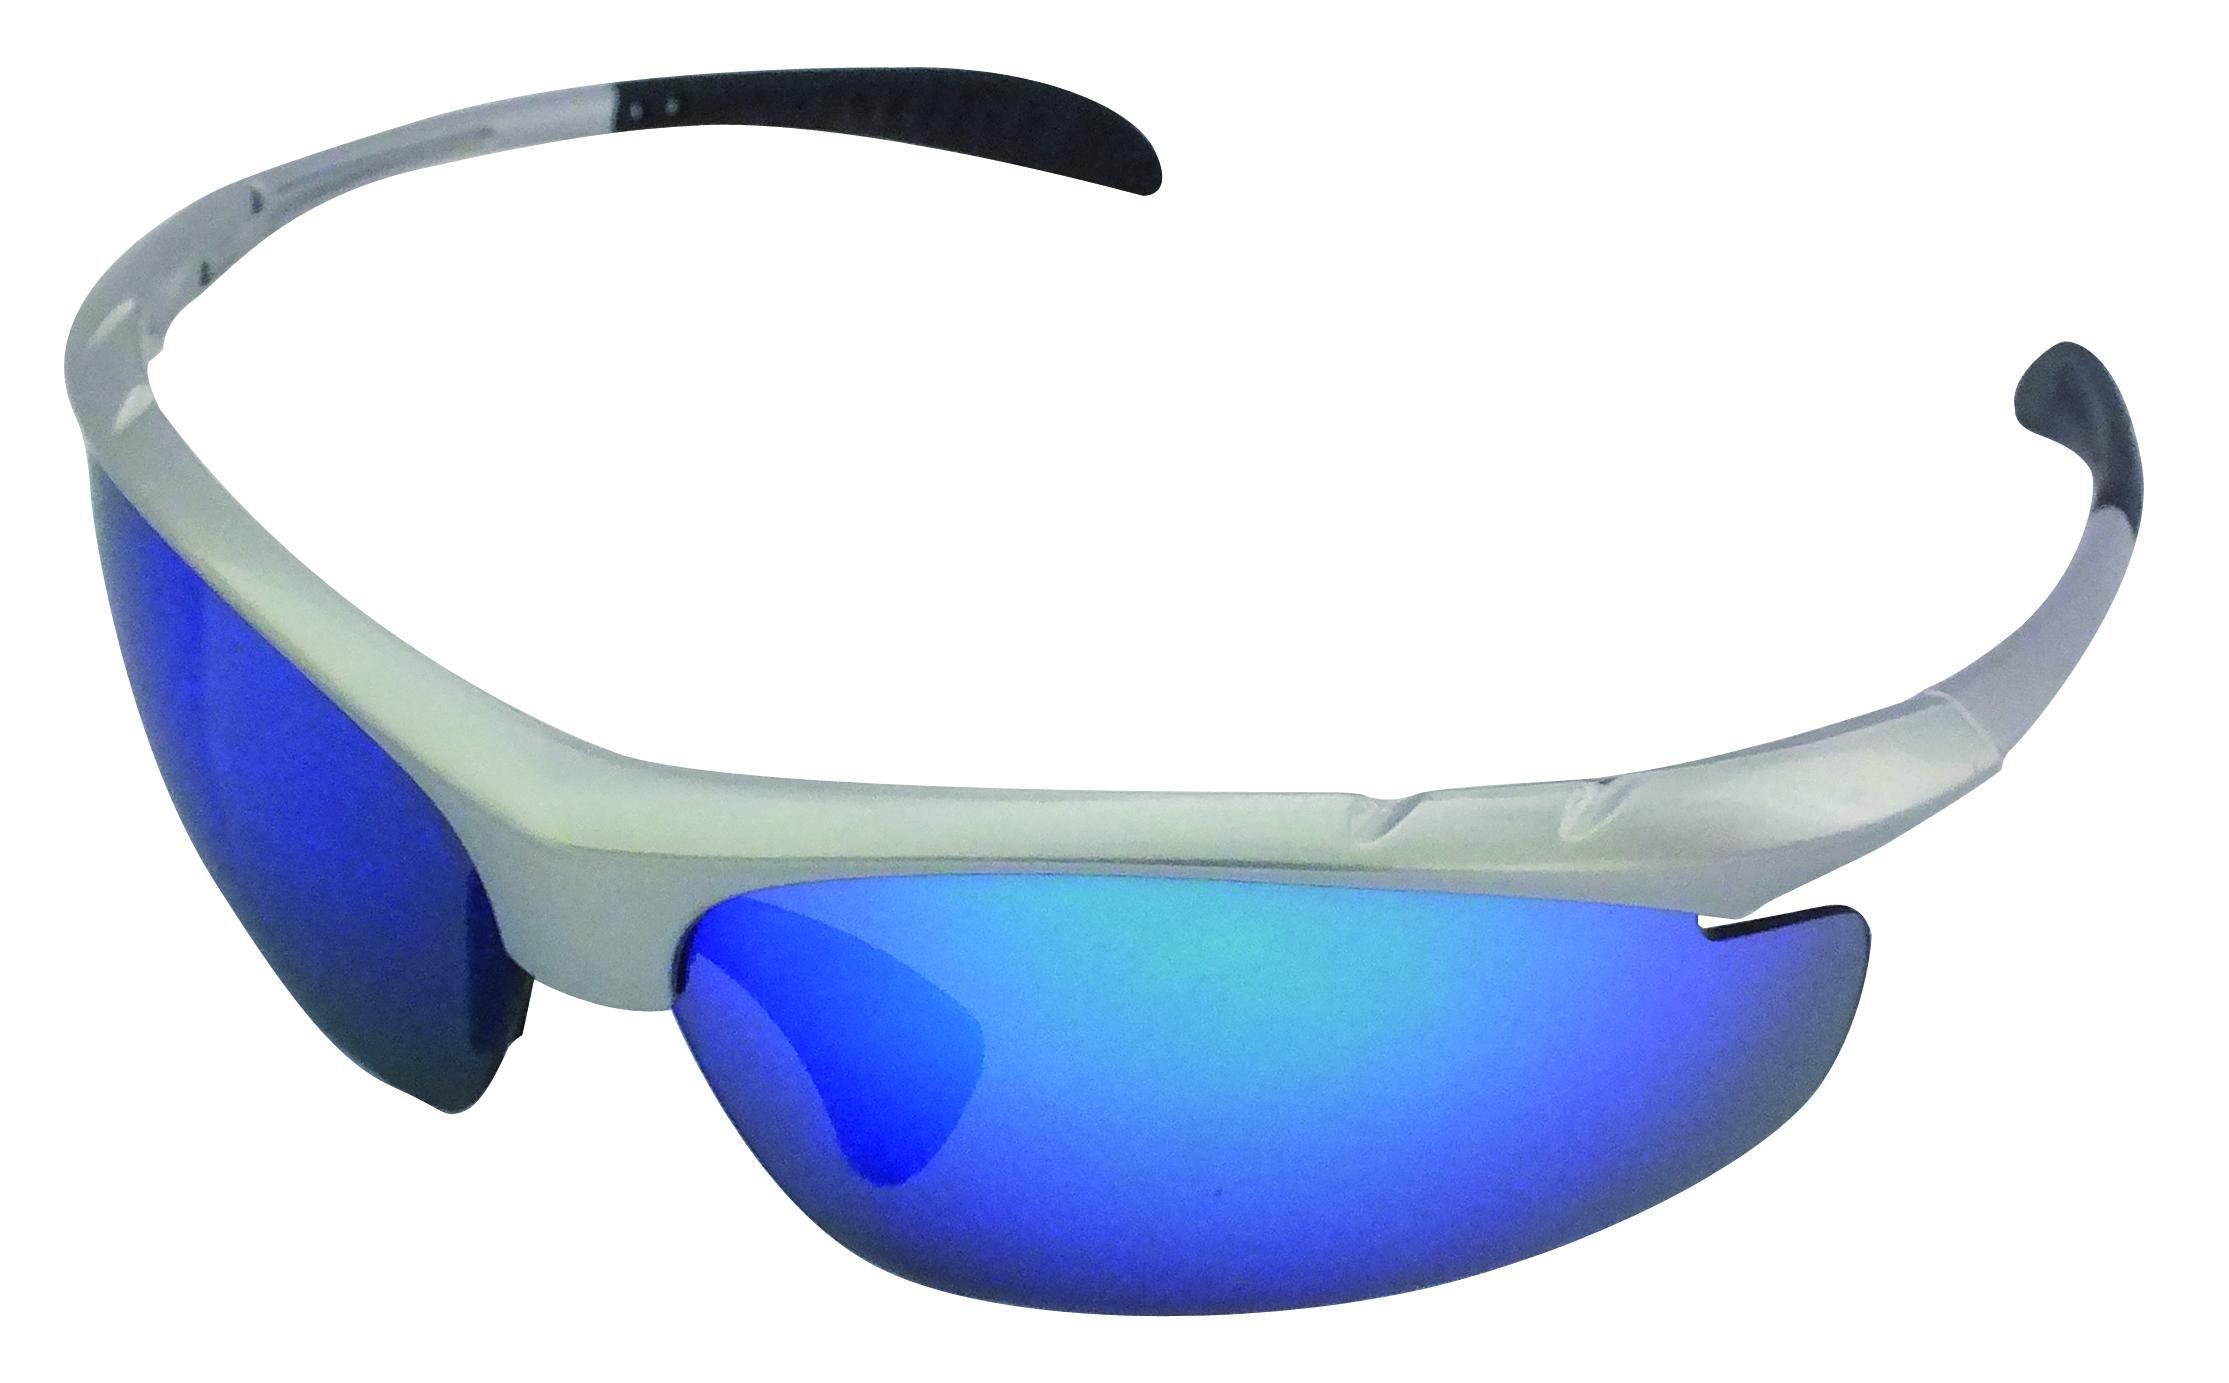 sonnenbrille grau mit blauen gl sern sonnenbrillen. Black Bedroom Furniture Sets. Home Design Ideas